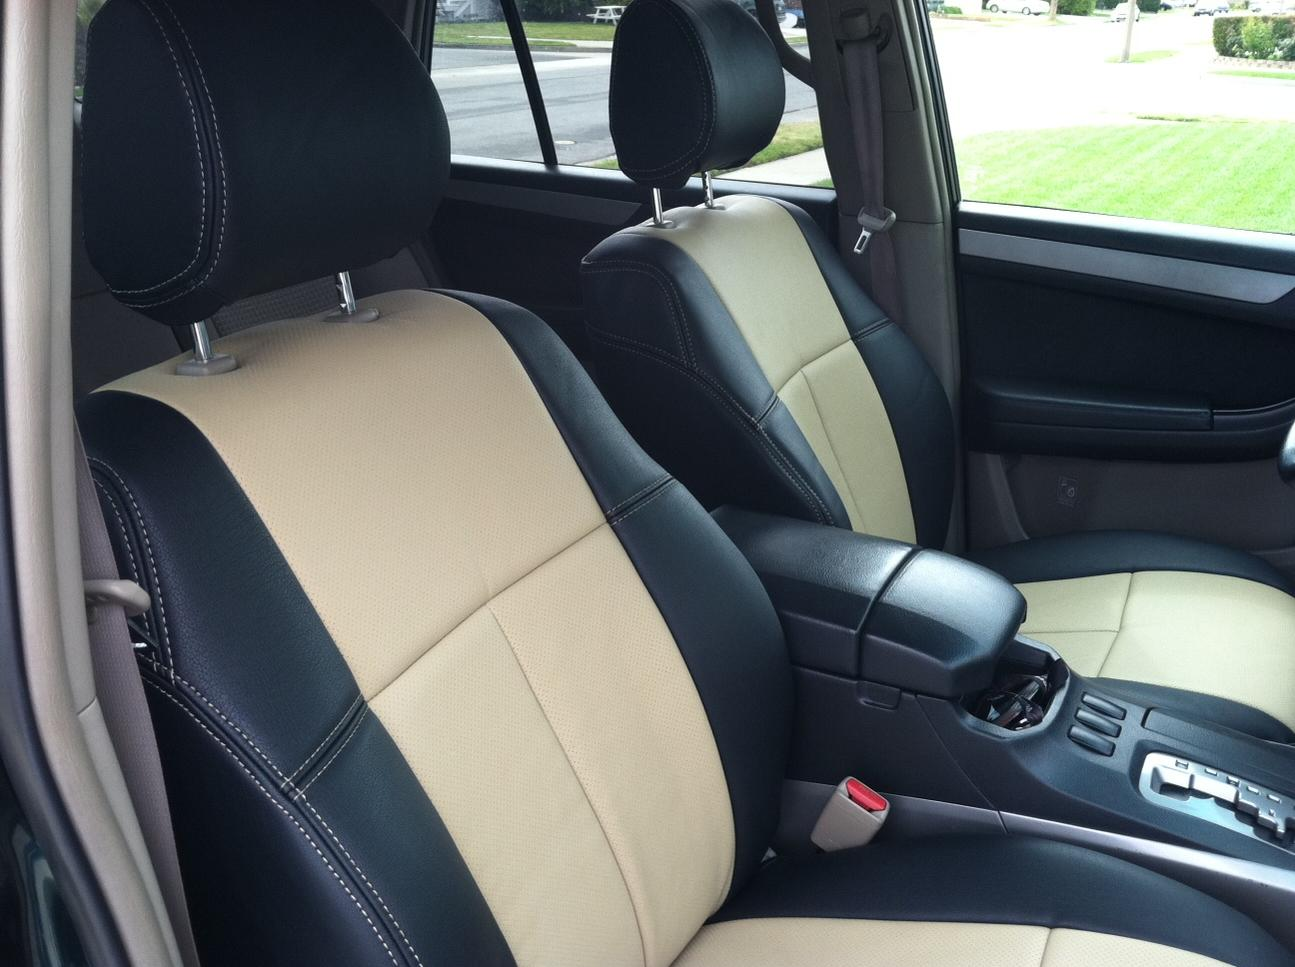 Sensational Clazzio Seat Covers Installed Toyota 4Runner Forum Inzonedesignstudio Interior Chair Design Inzonedesignstudiocom